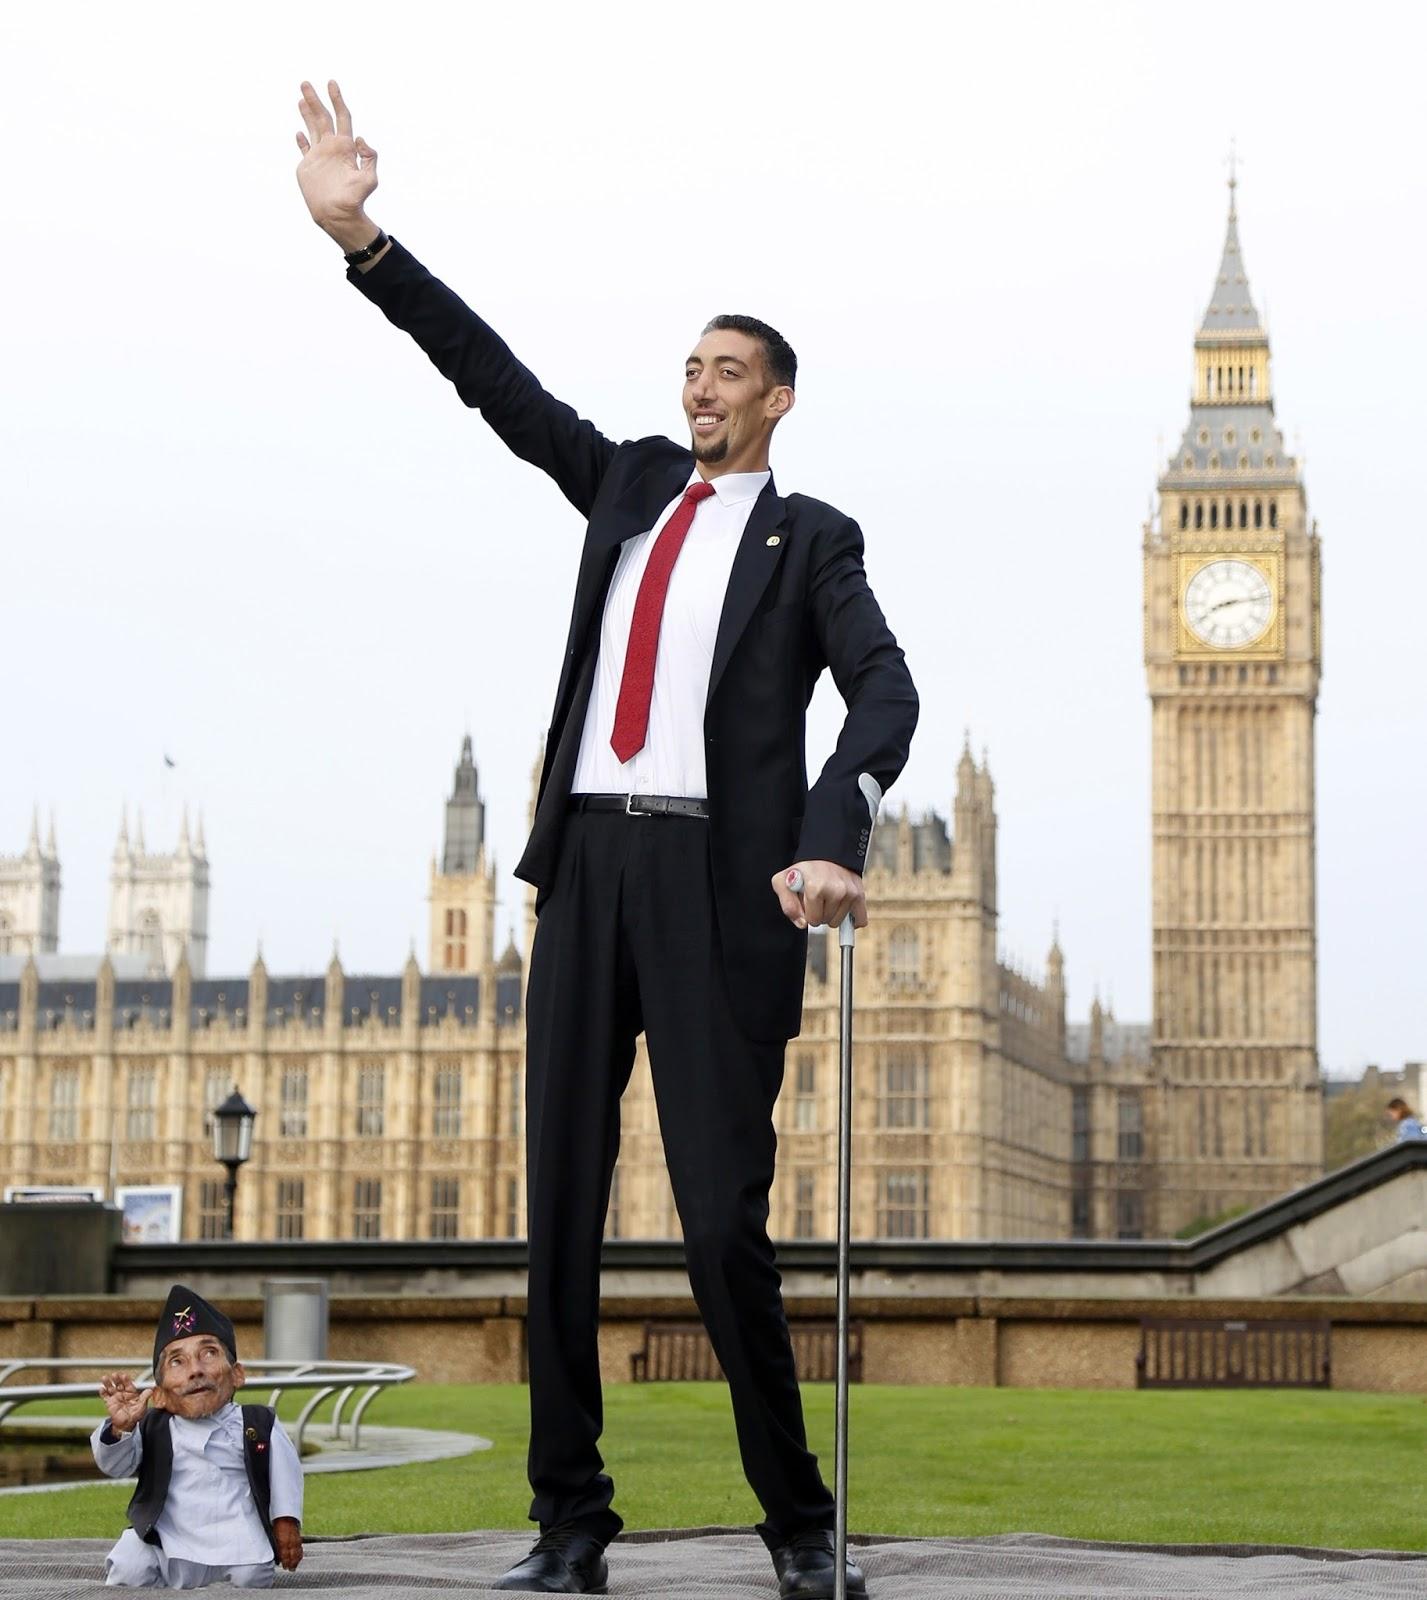 اطول رجل فى العالم , صور رجل طويل جدا - لقطات